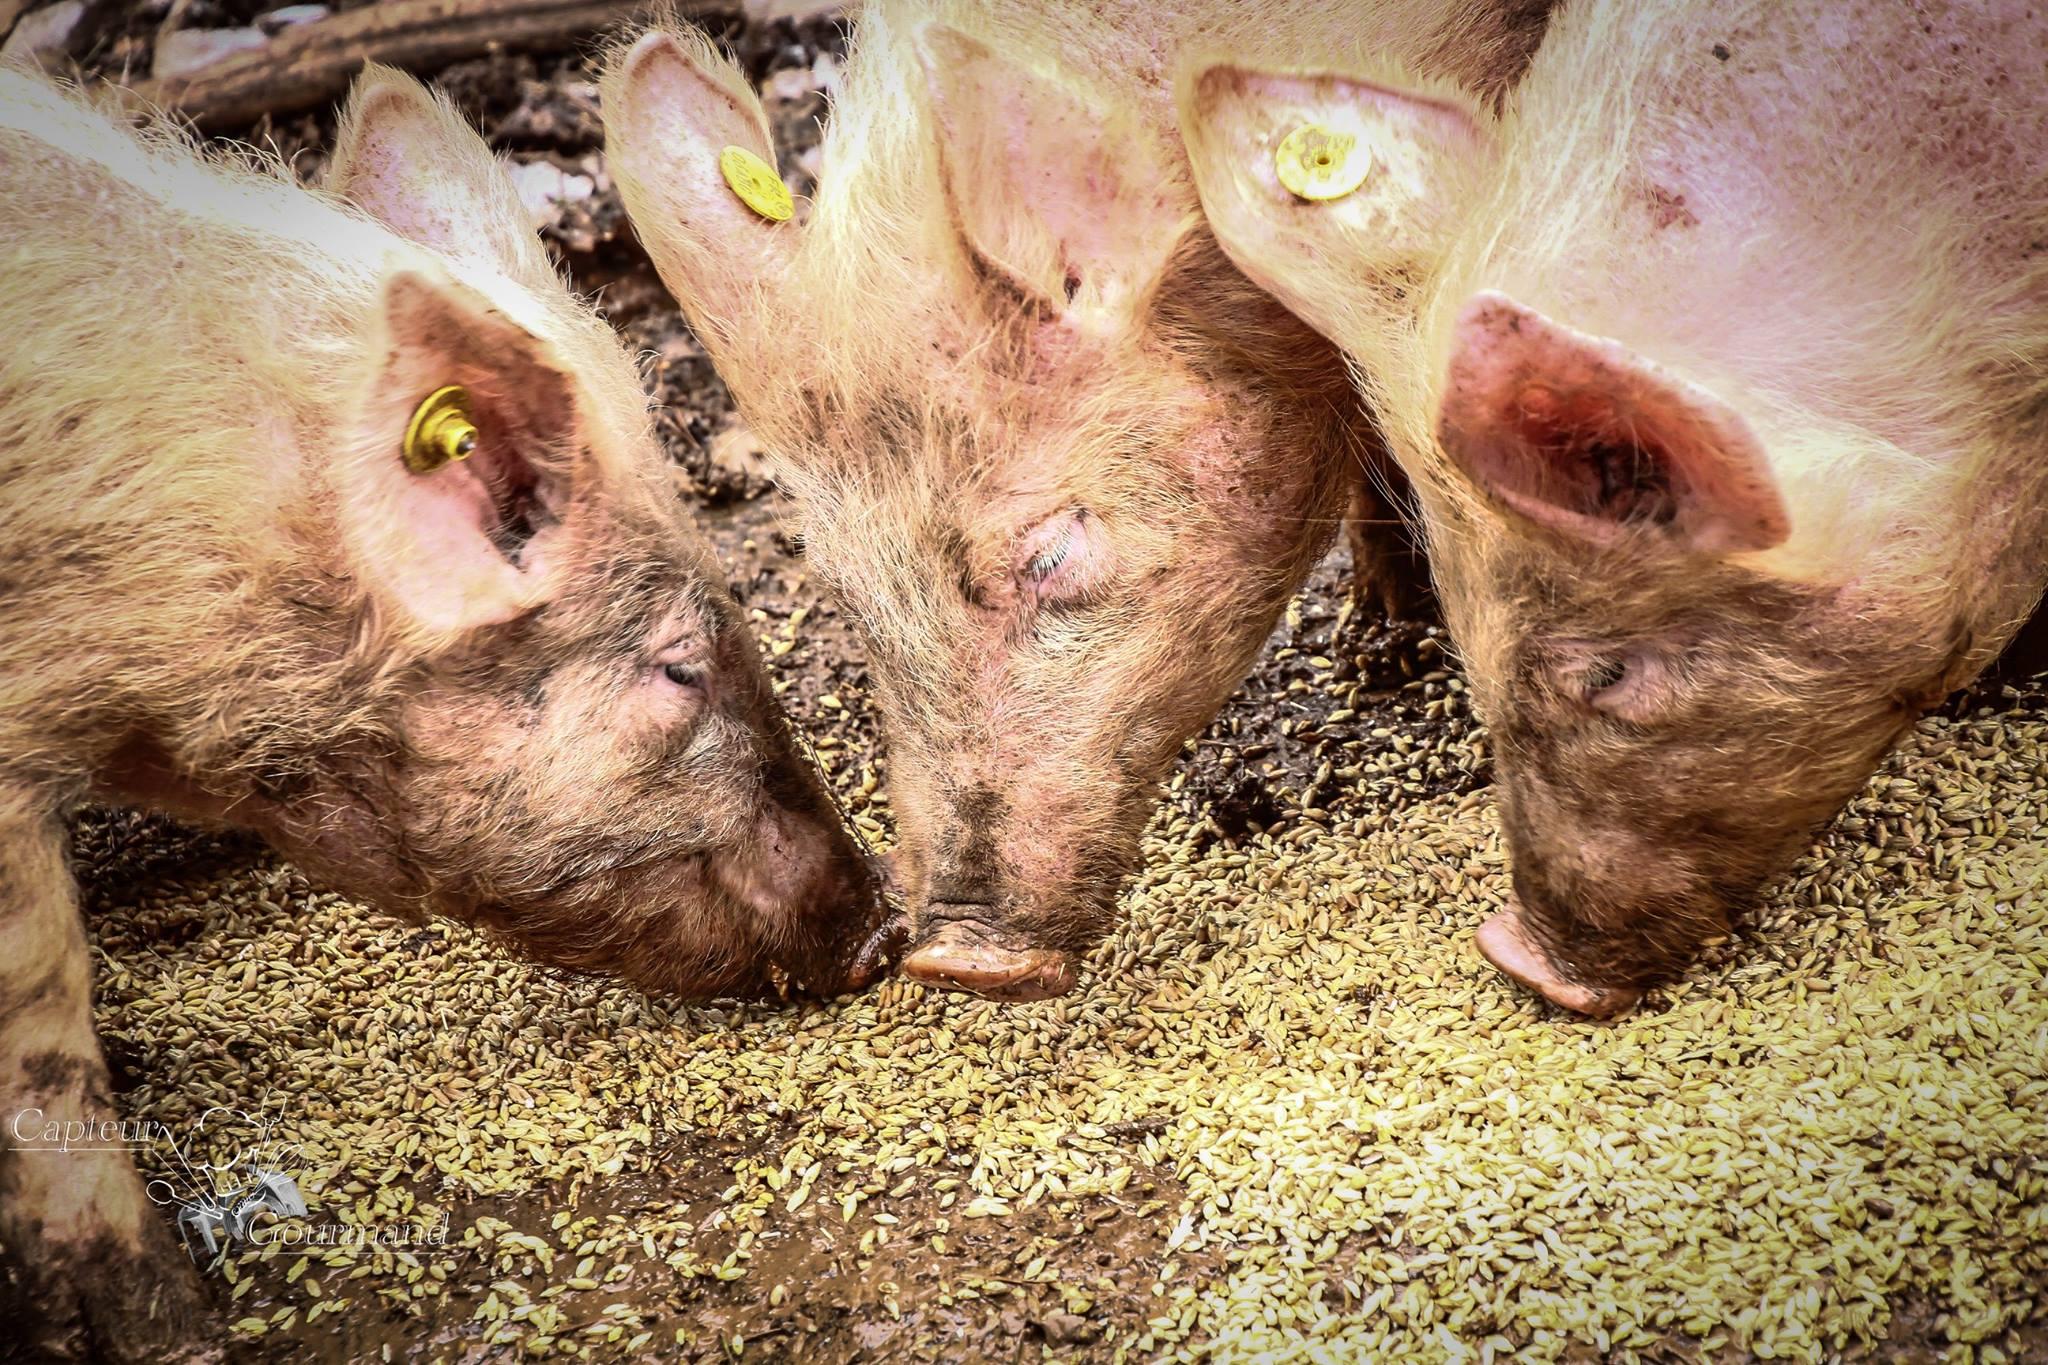 Les Cochons de la Cote d'Azur (14).jpg